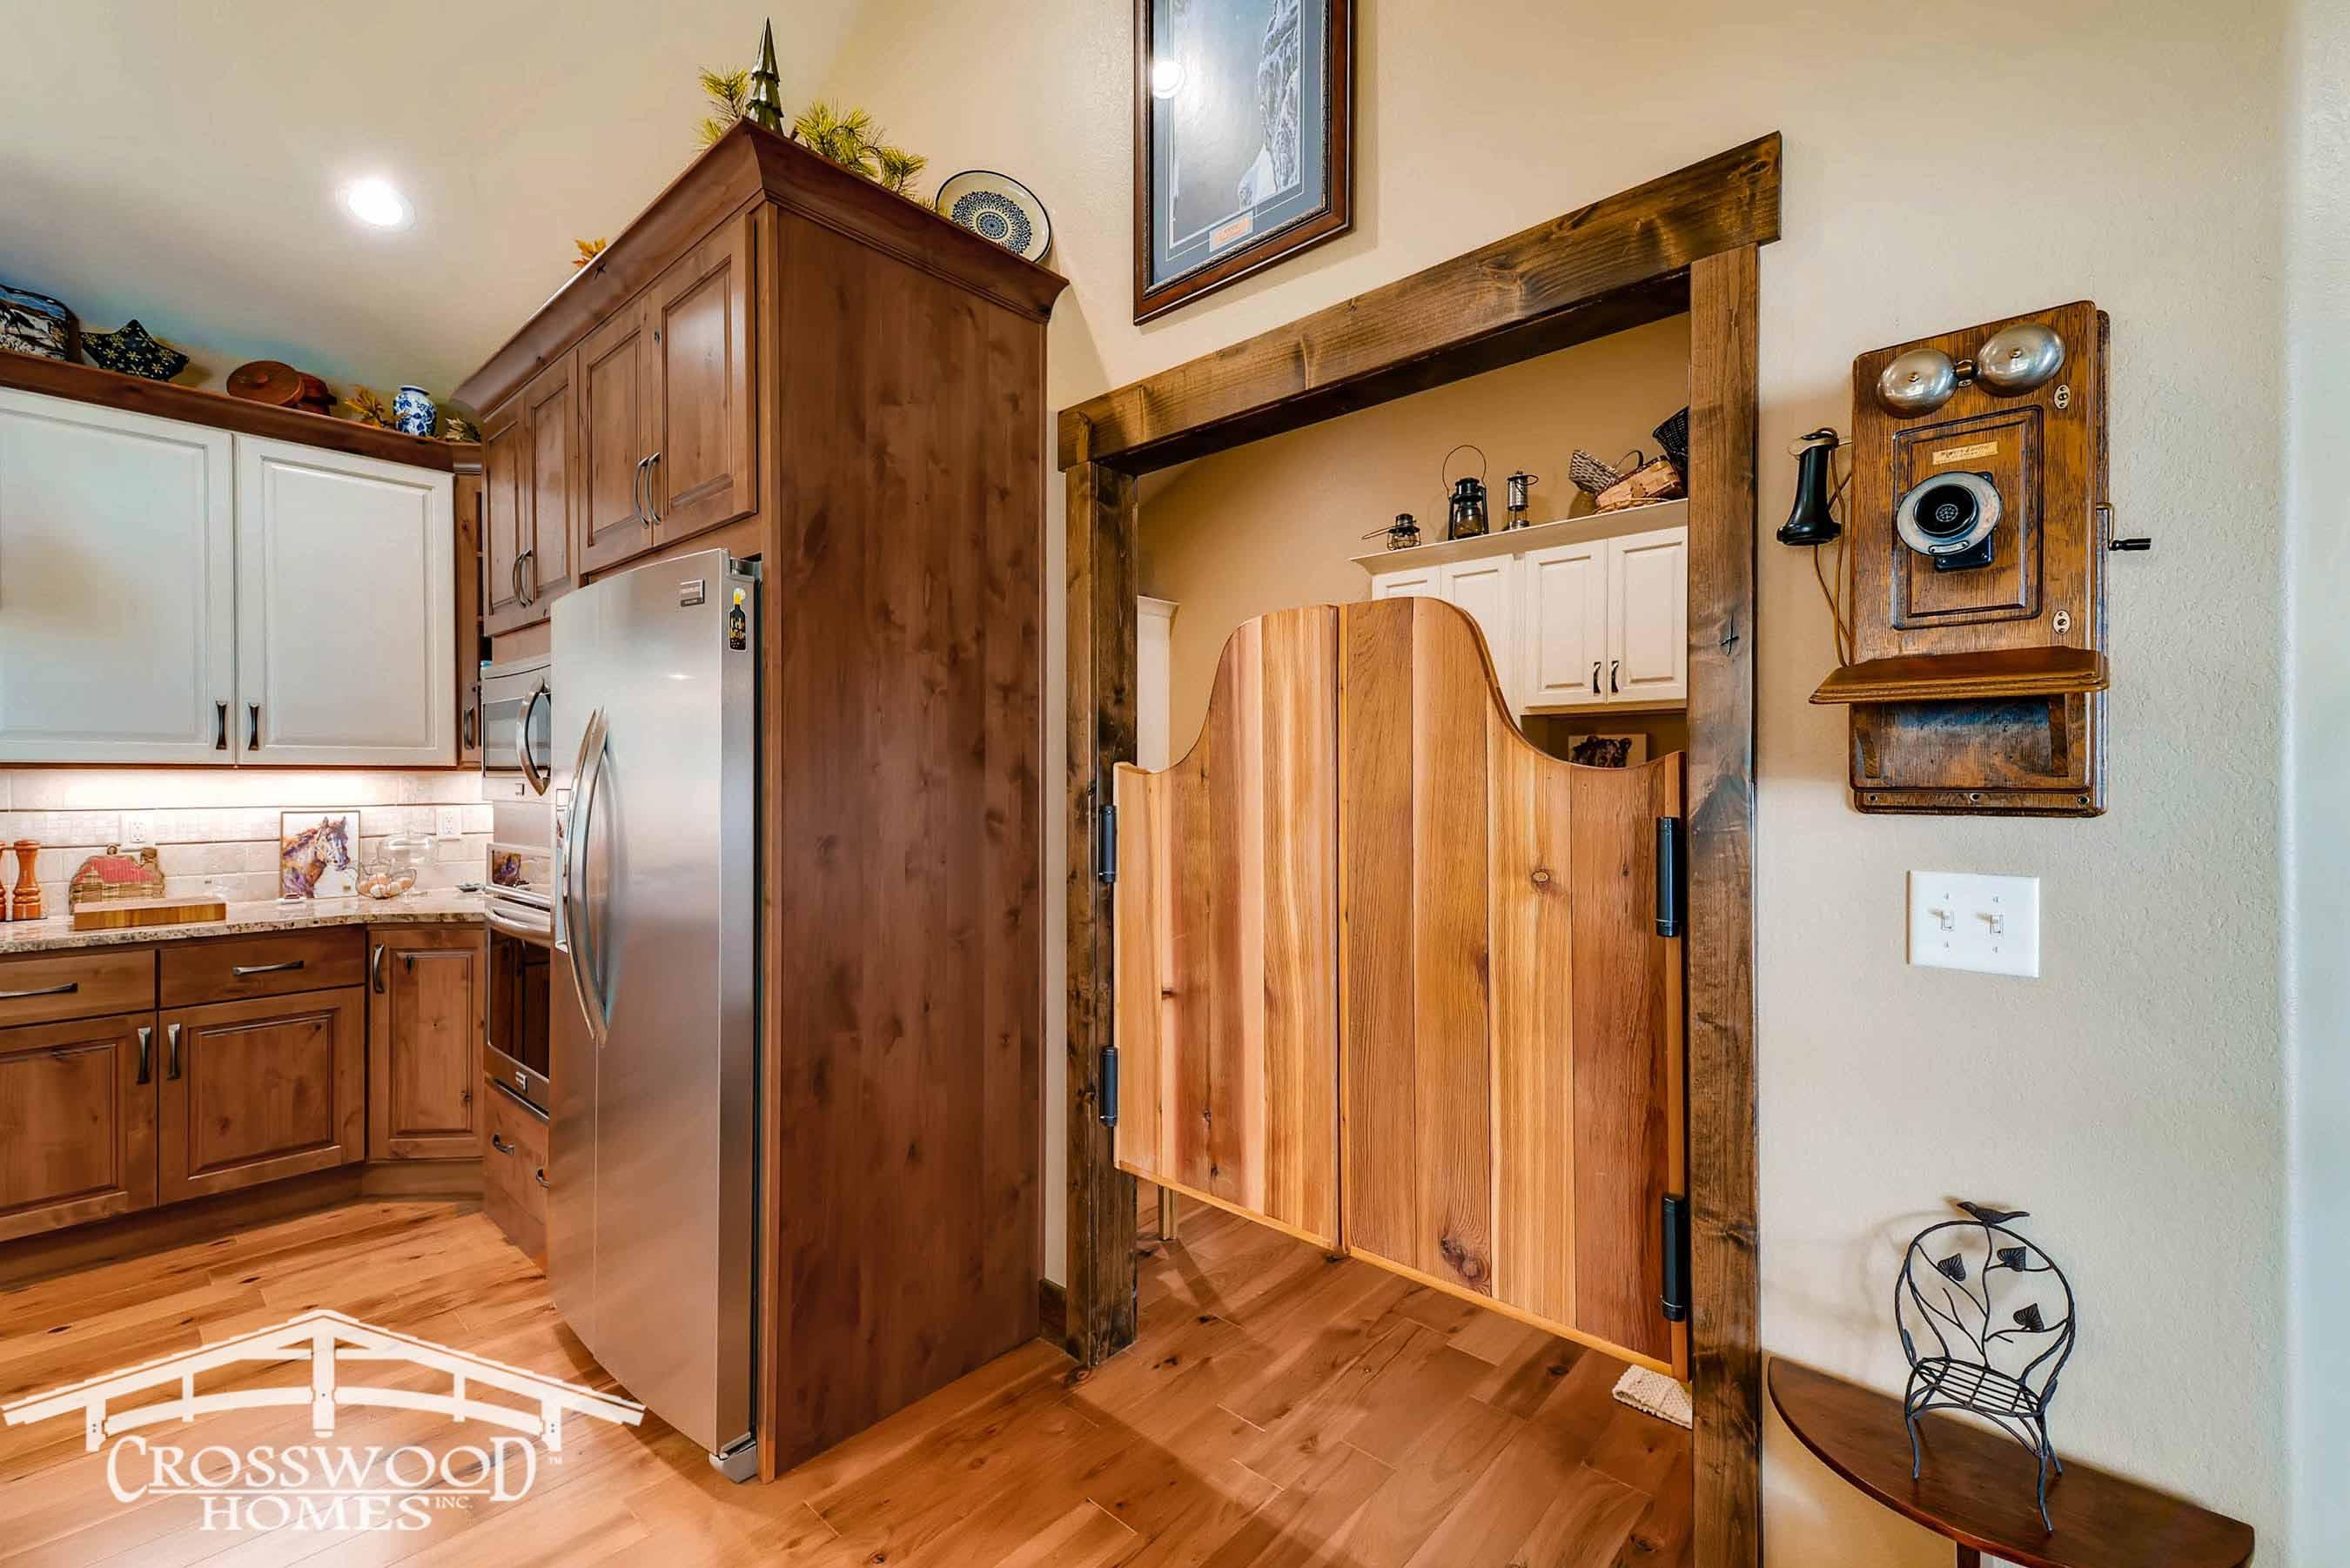 Custom Saloon Doors to laundry